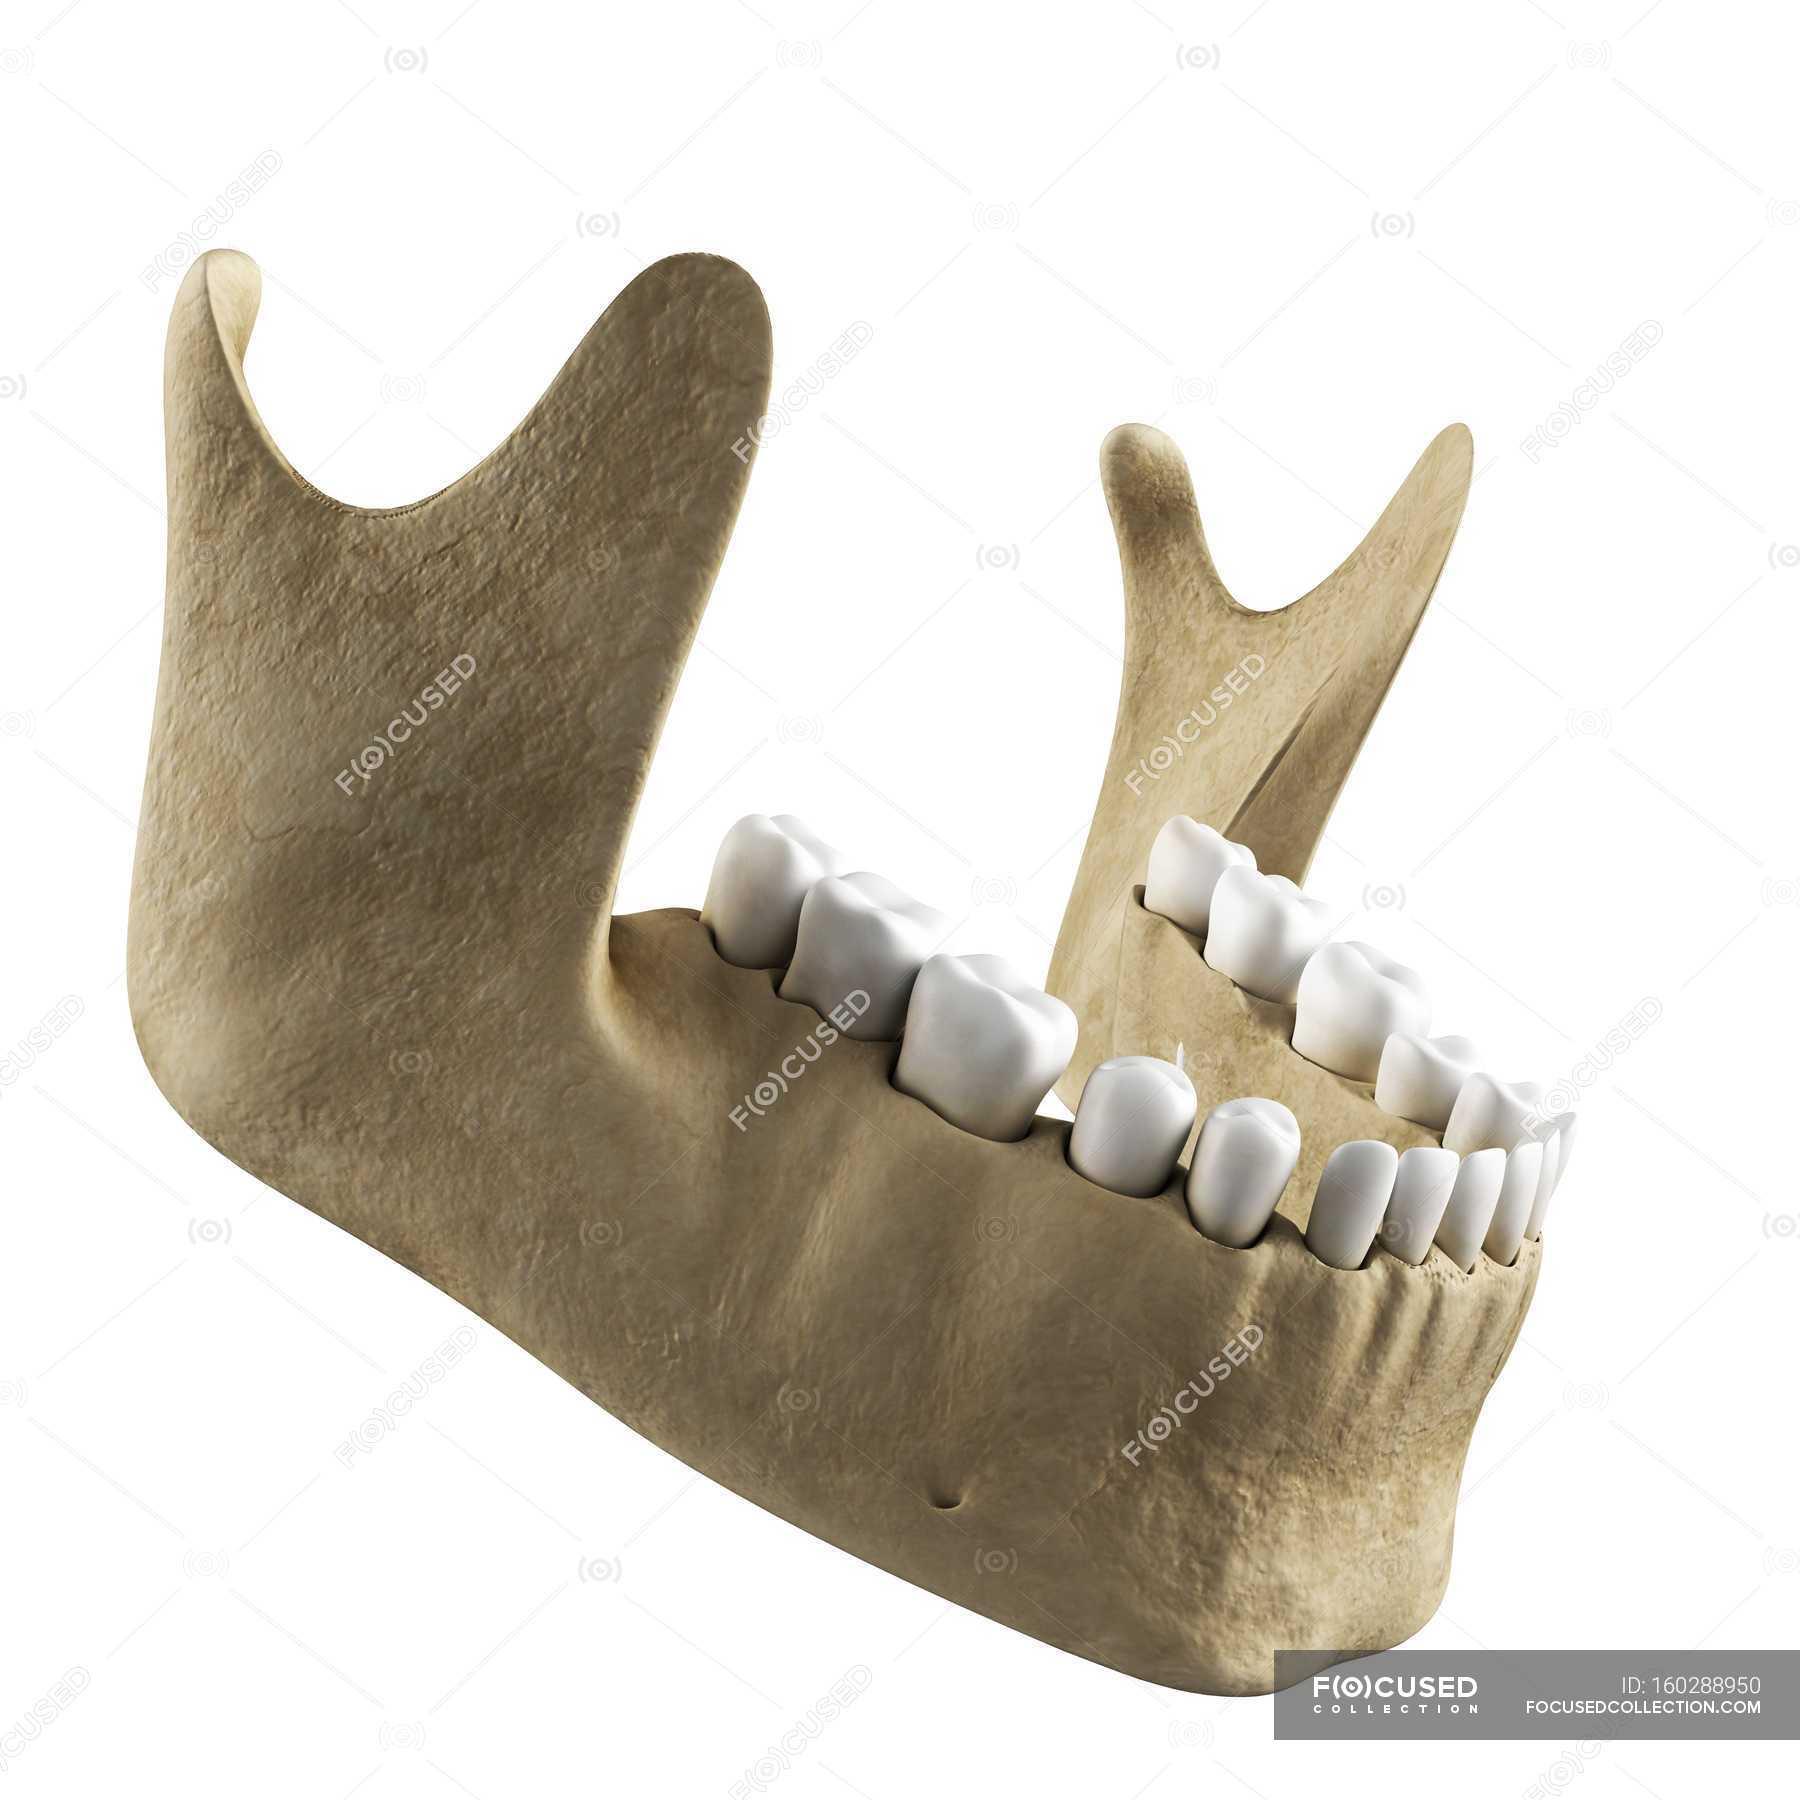 Human Jawbone Anatomy Human Skeleton Medical Illustration Stock